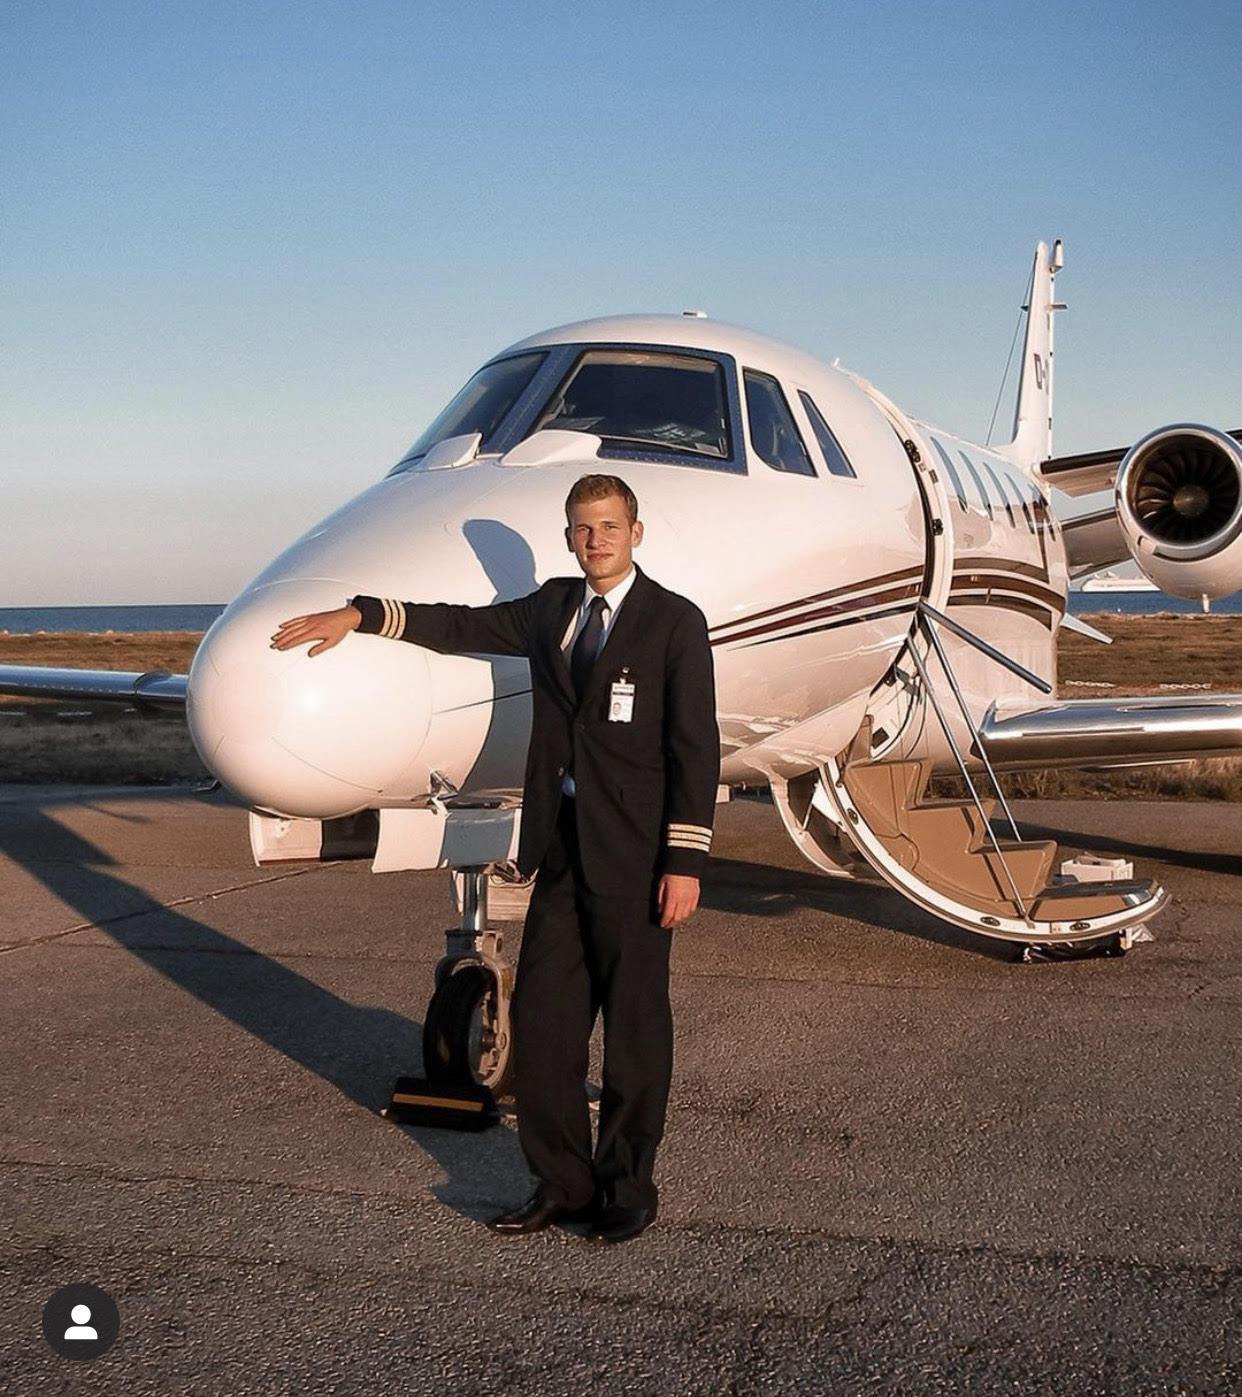 Patrick Biedenkapp: il pilota che invita i followers a volare sempre verso i propri sogni